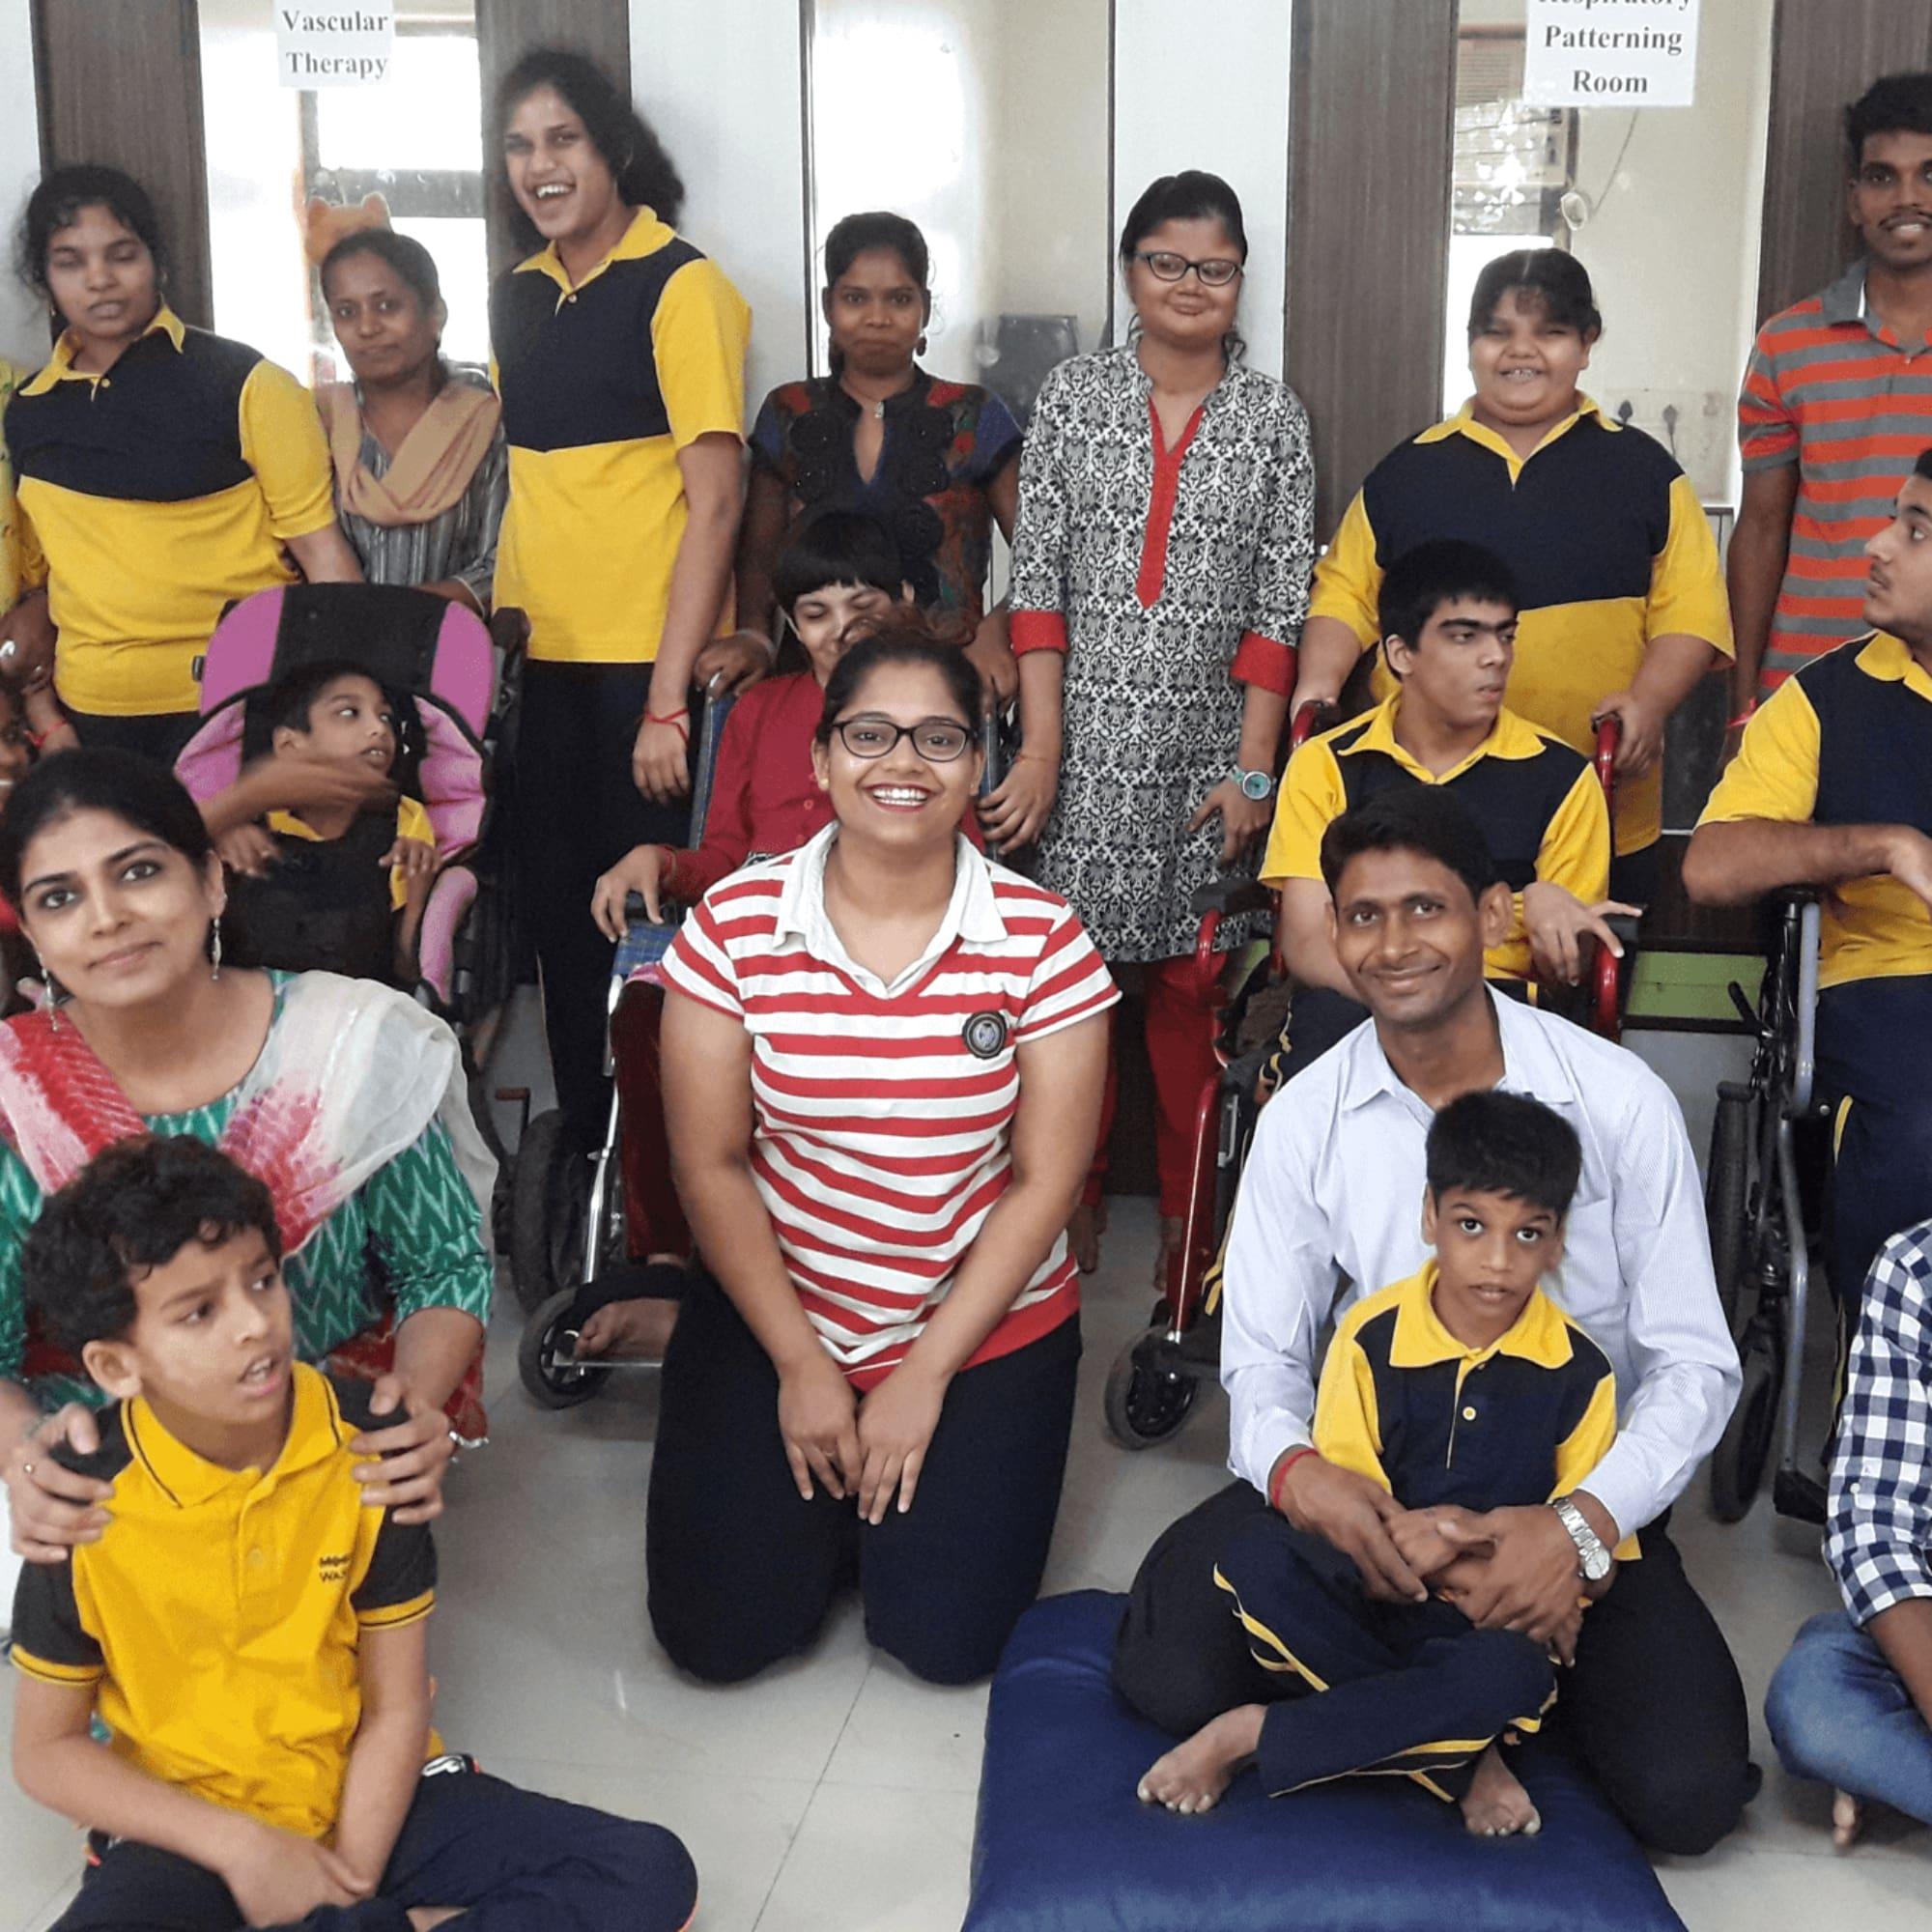 Aishwarya Deshpande kneeling on floor amongst students